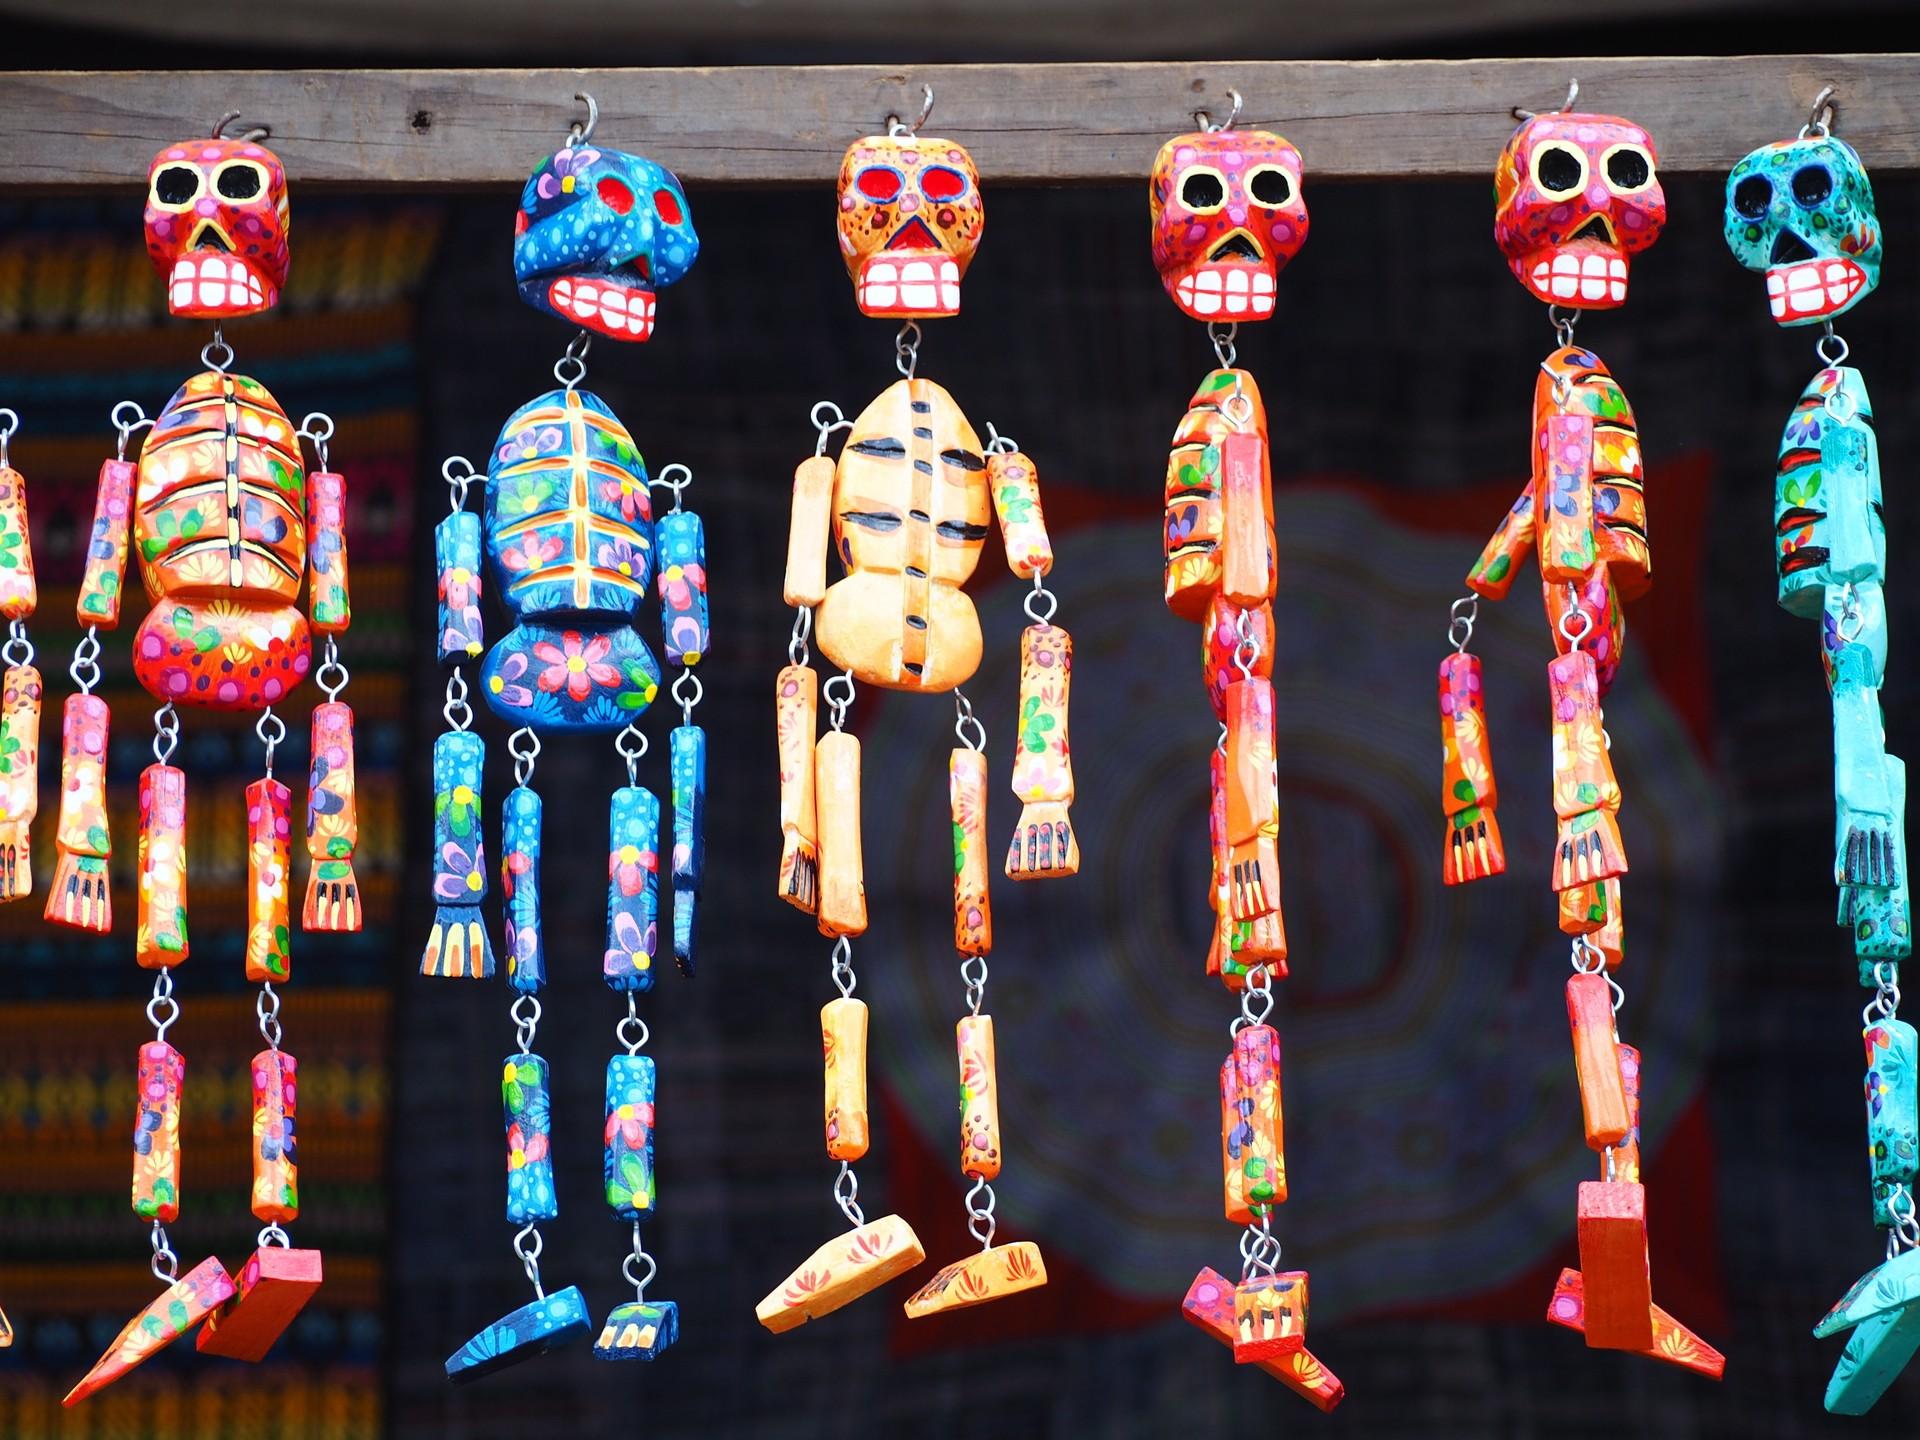 Dia de los Muertos decorations in Guatemala